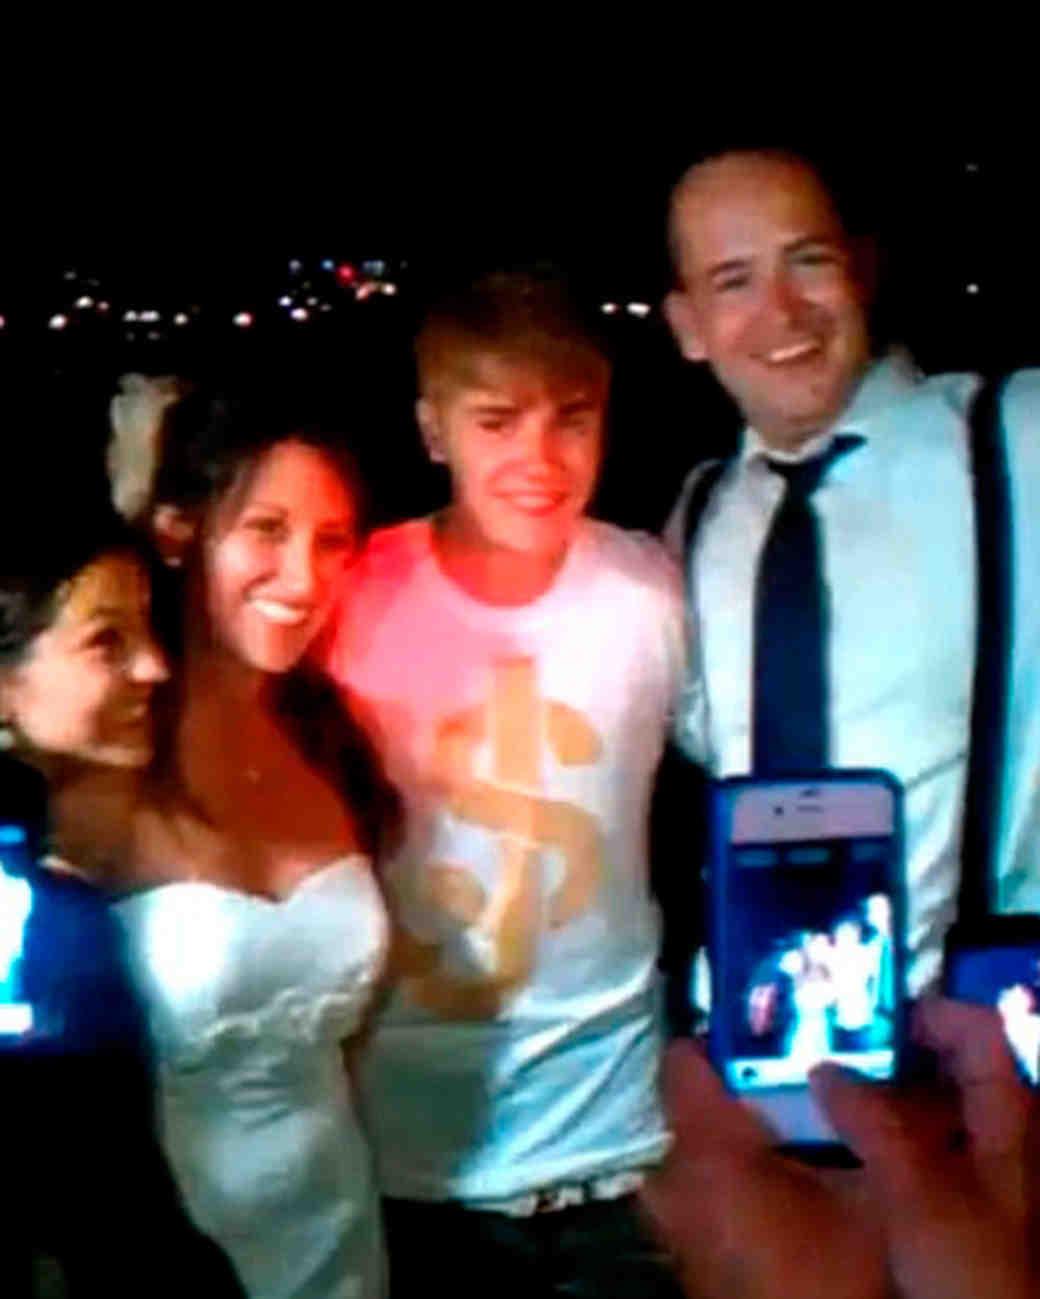 Wedding Crashers Sequel: 14 Celebrity Wedding Crashers